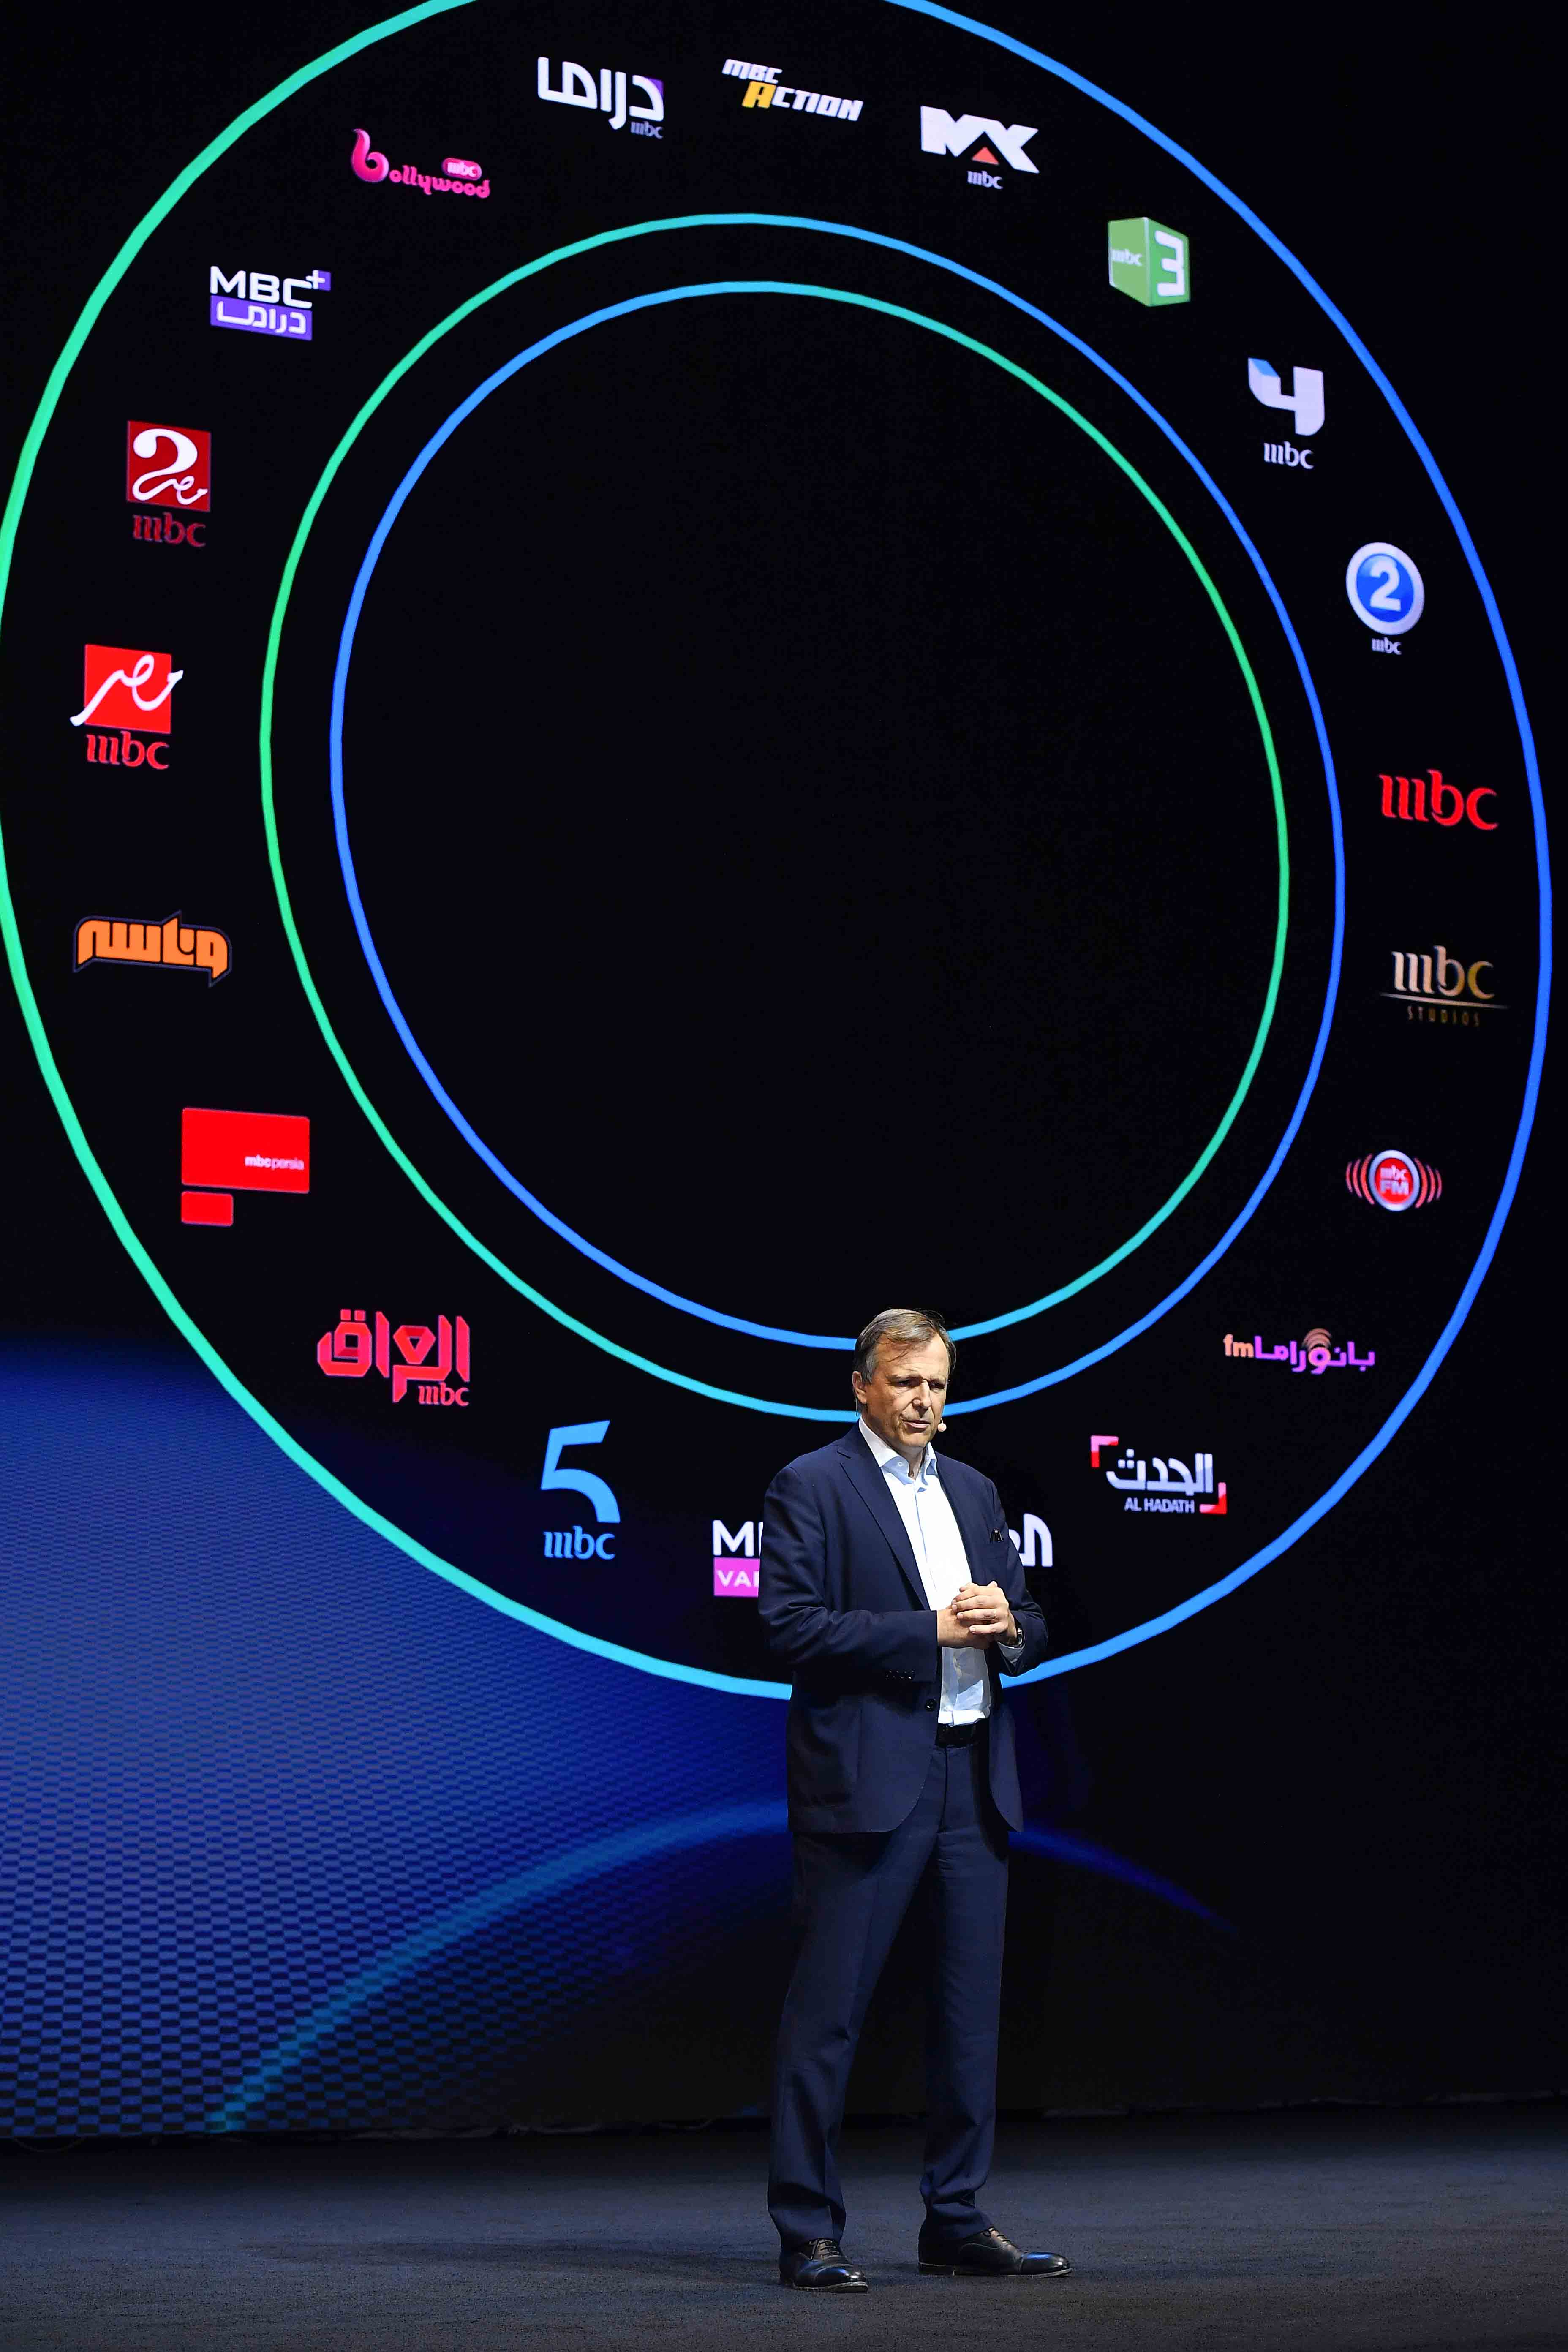 Shahid re-launch event - MBC Group CEO, Marc Antoine d'Halluin